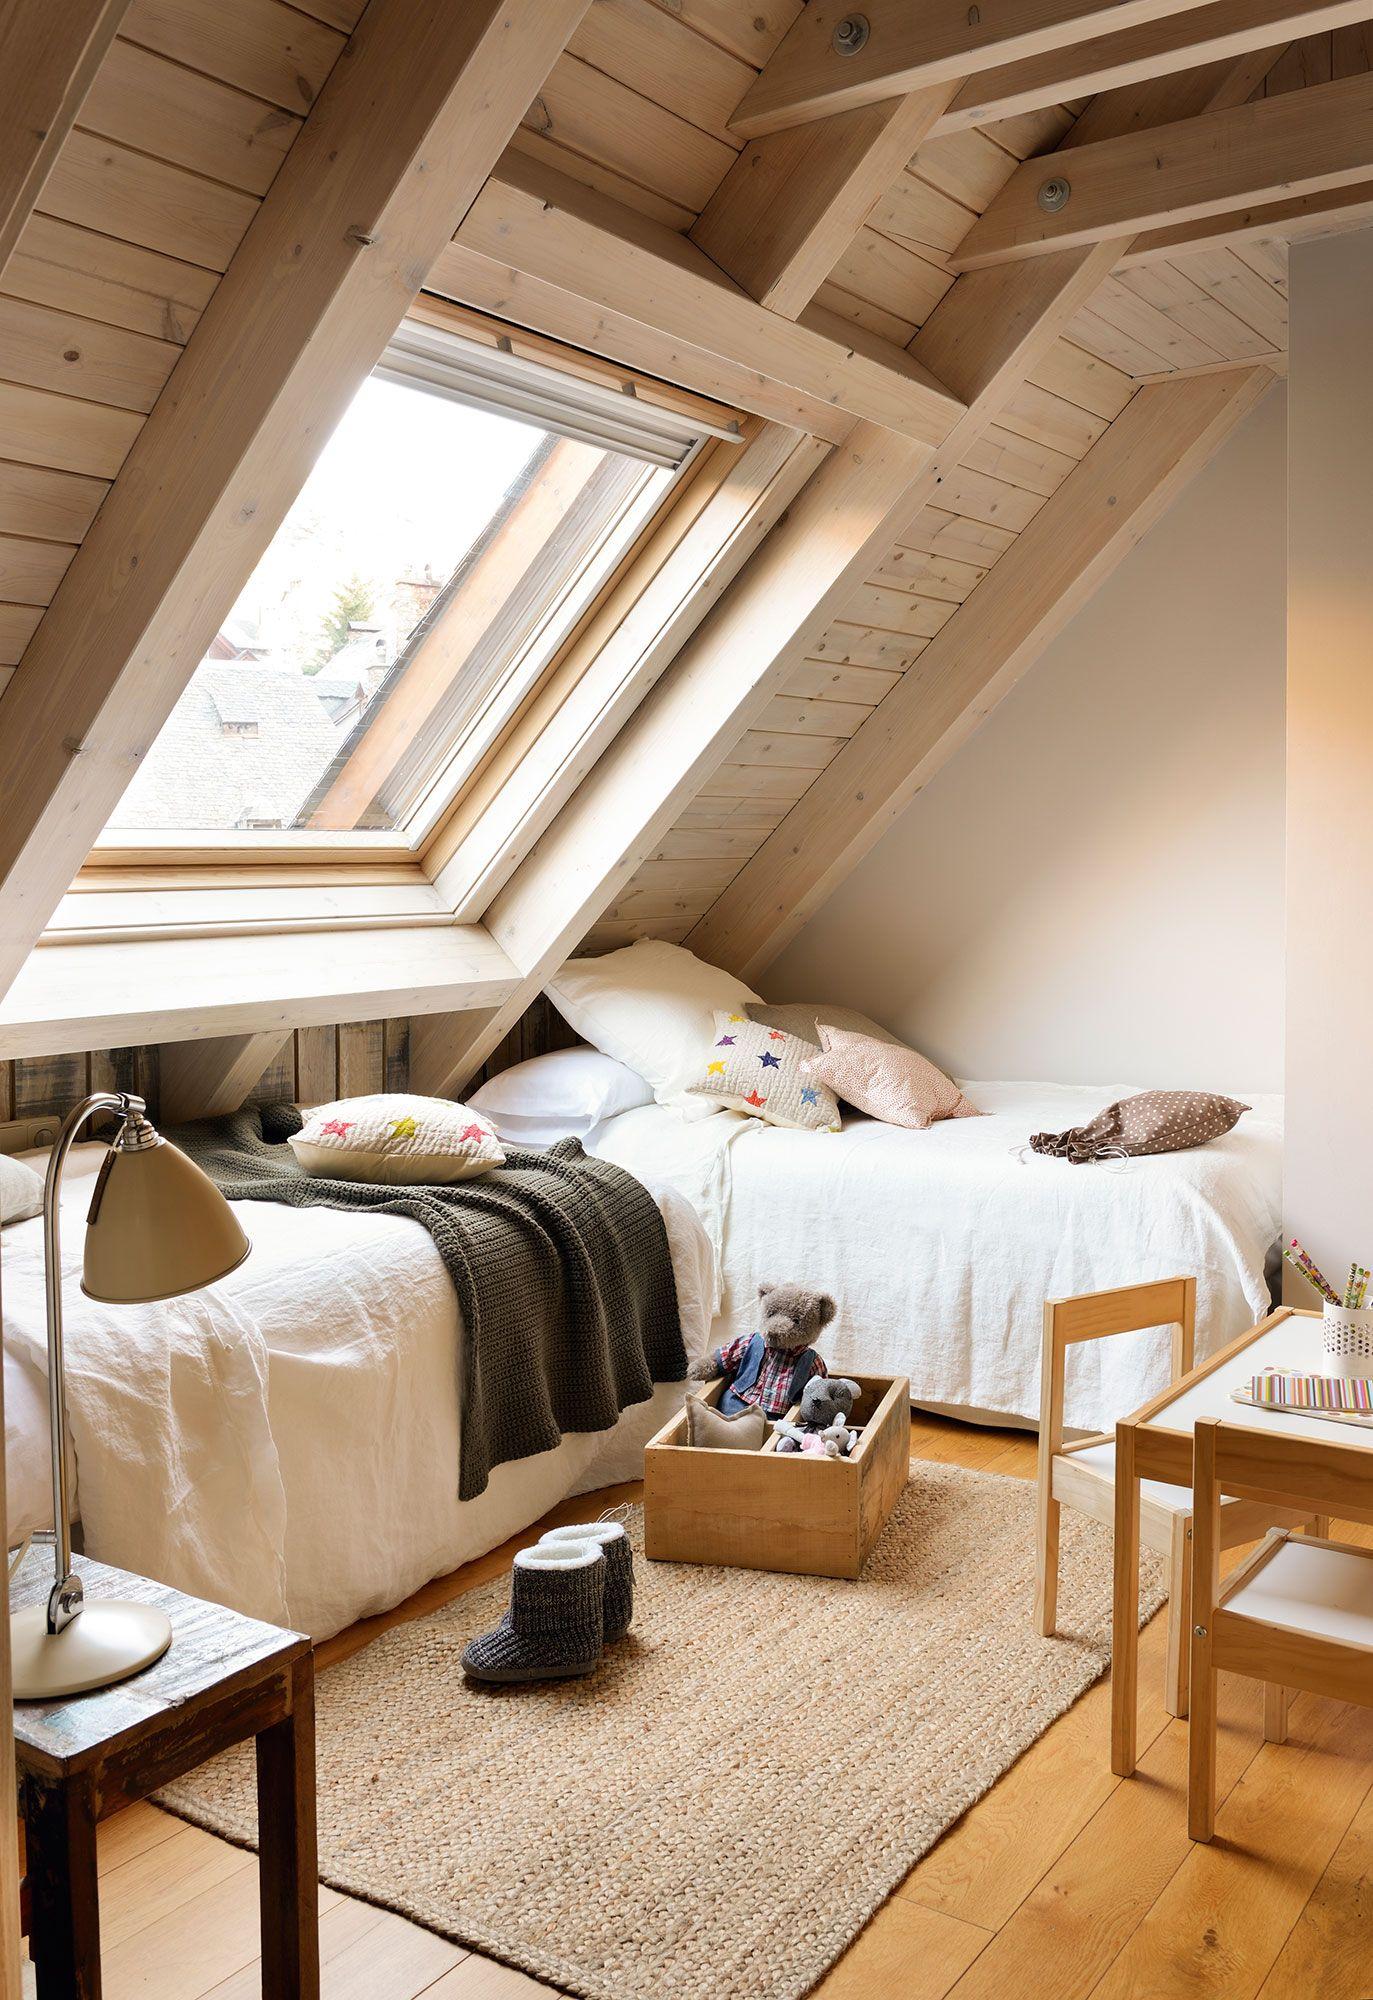 Dos camas en l shehouse - Decorar una buhardilla ...